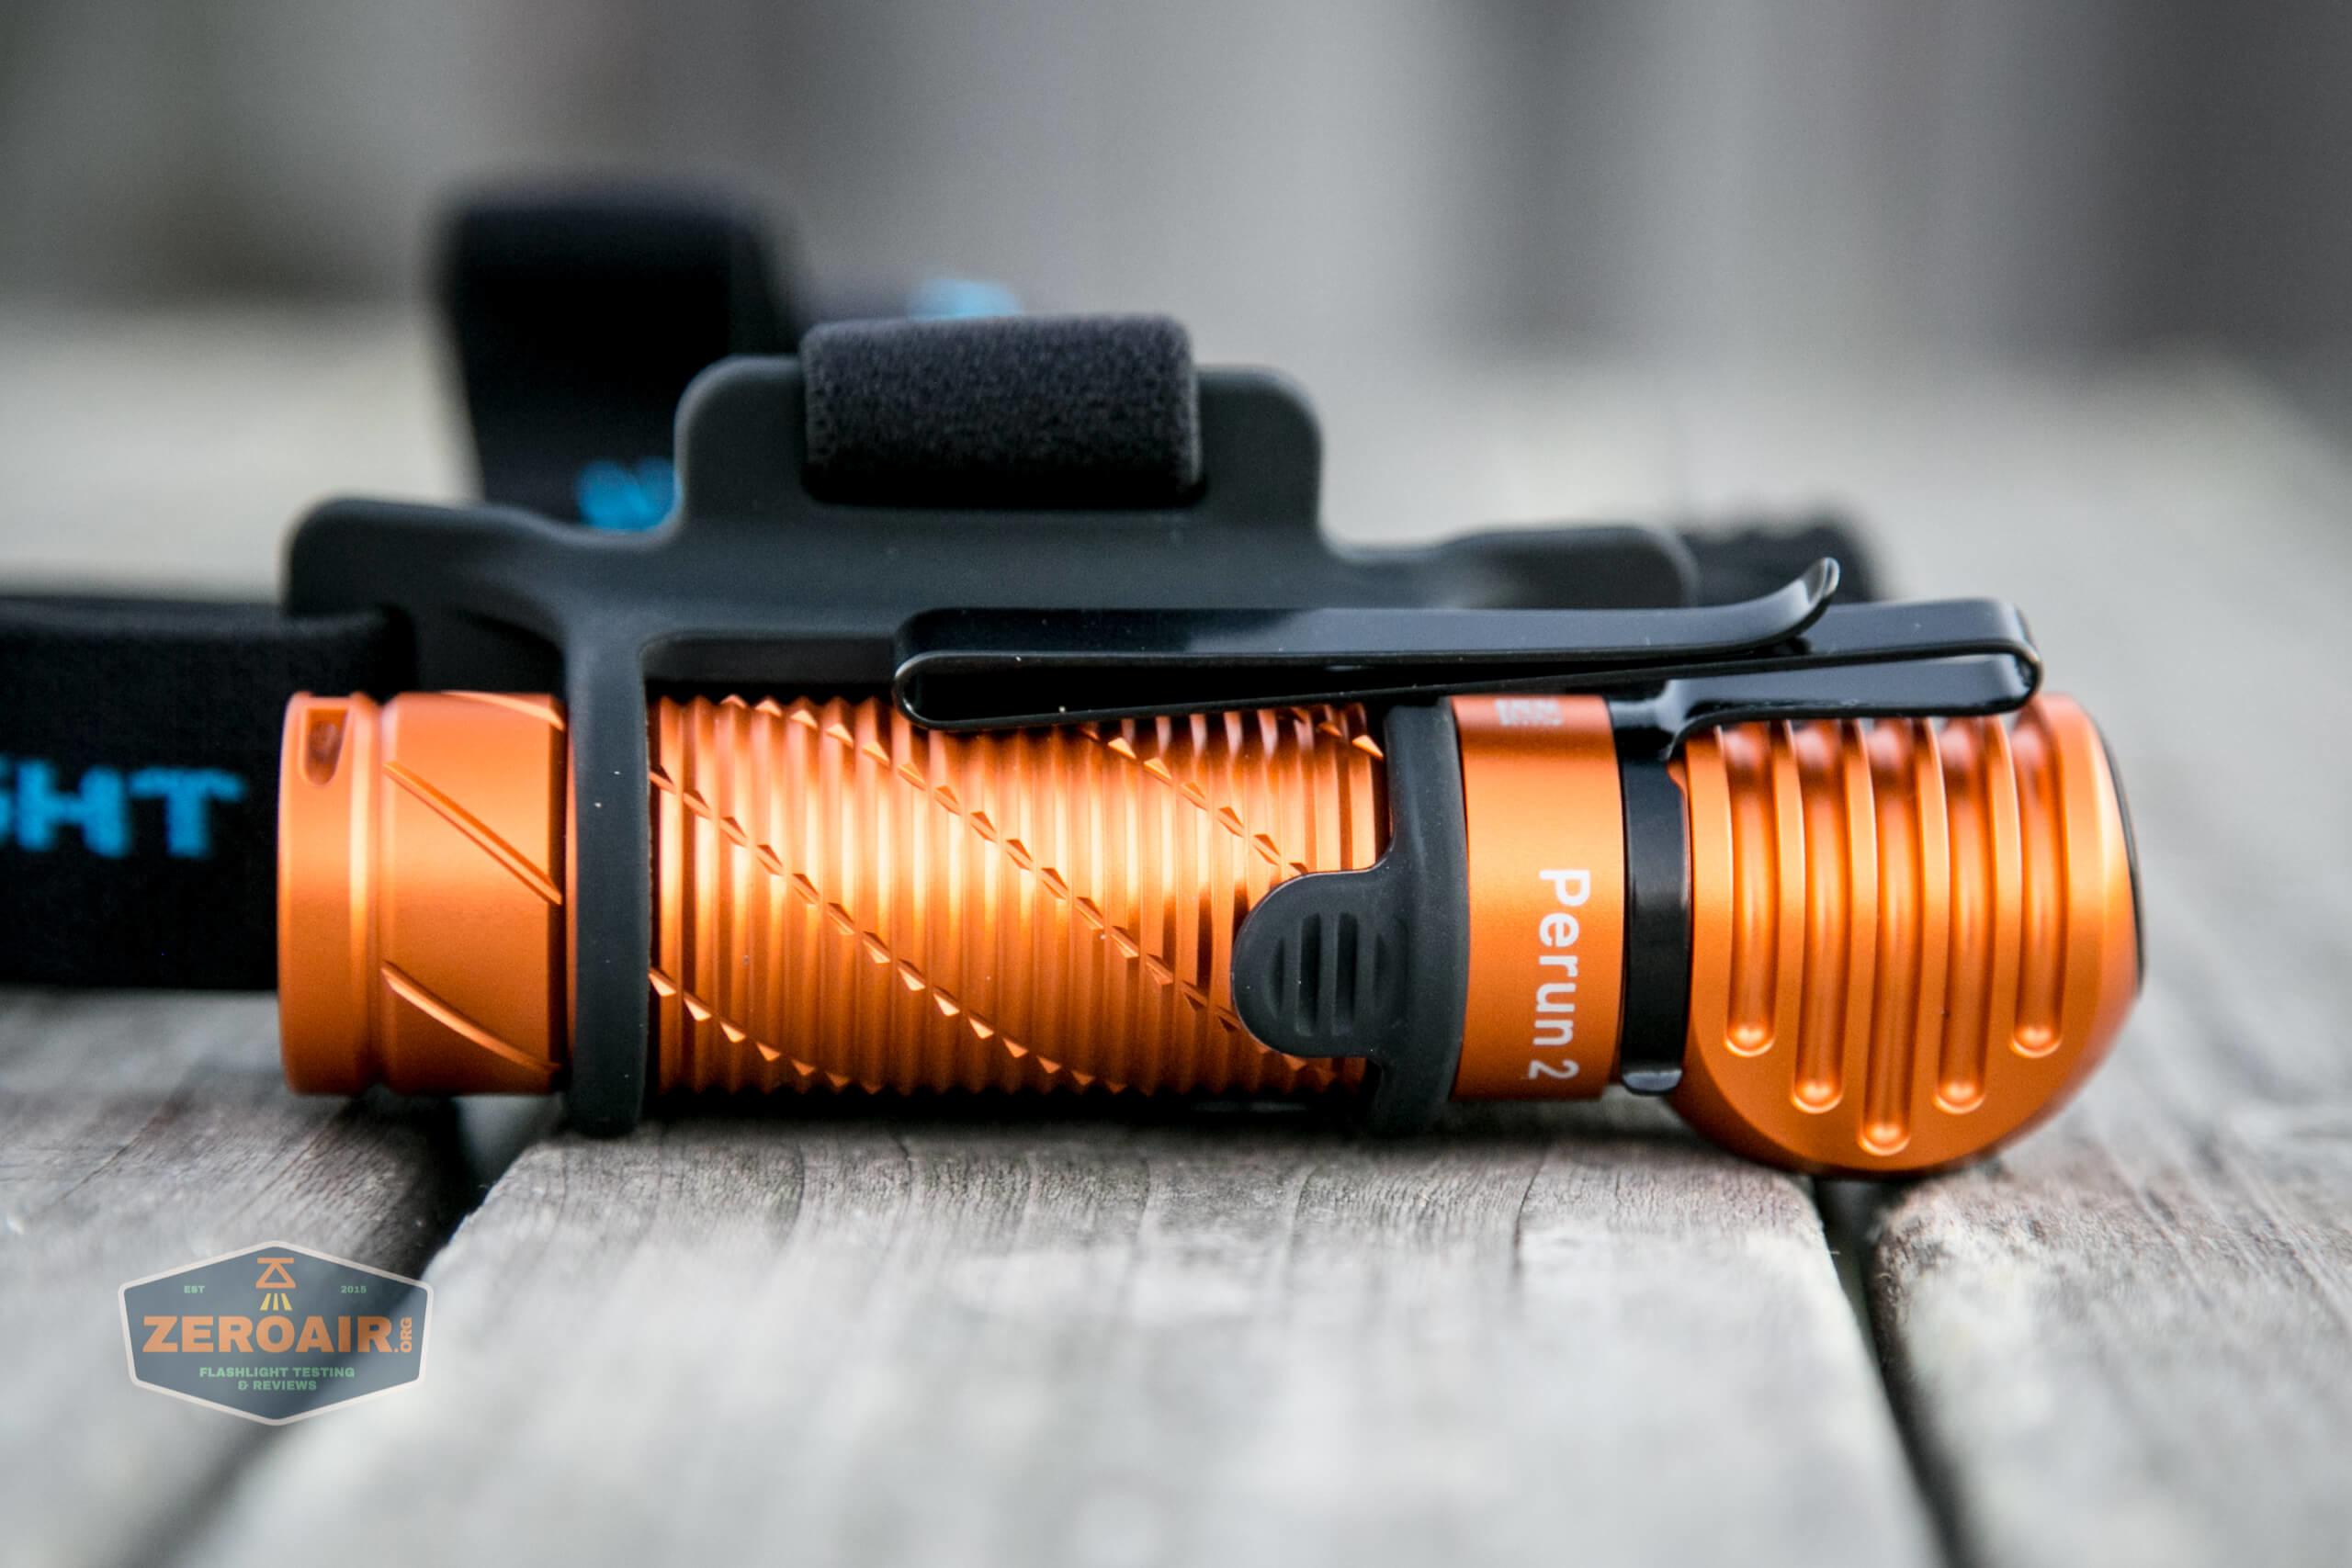 olight perun 2 21700 headlamp orange installed in headband